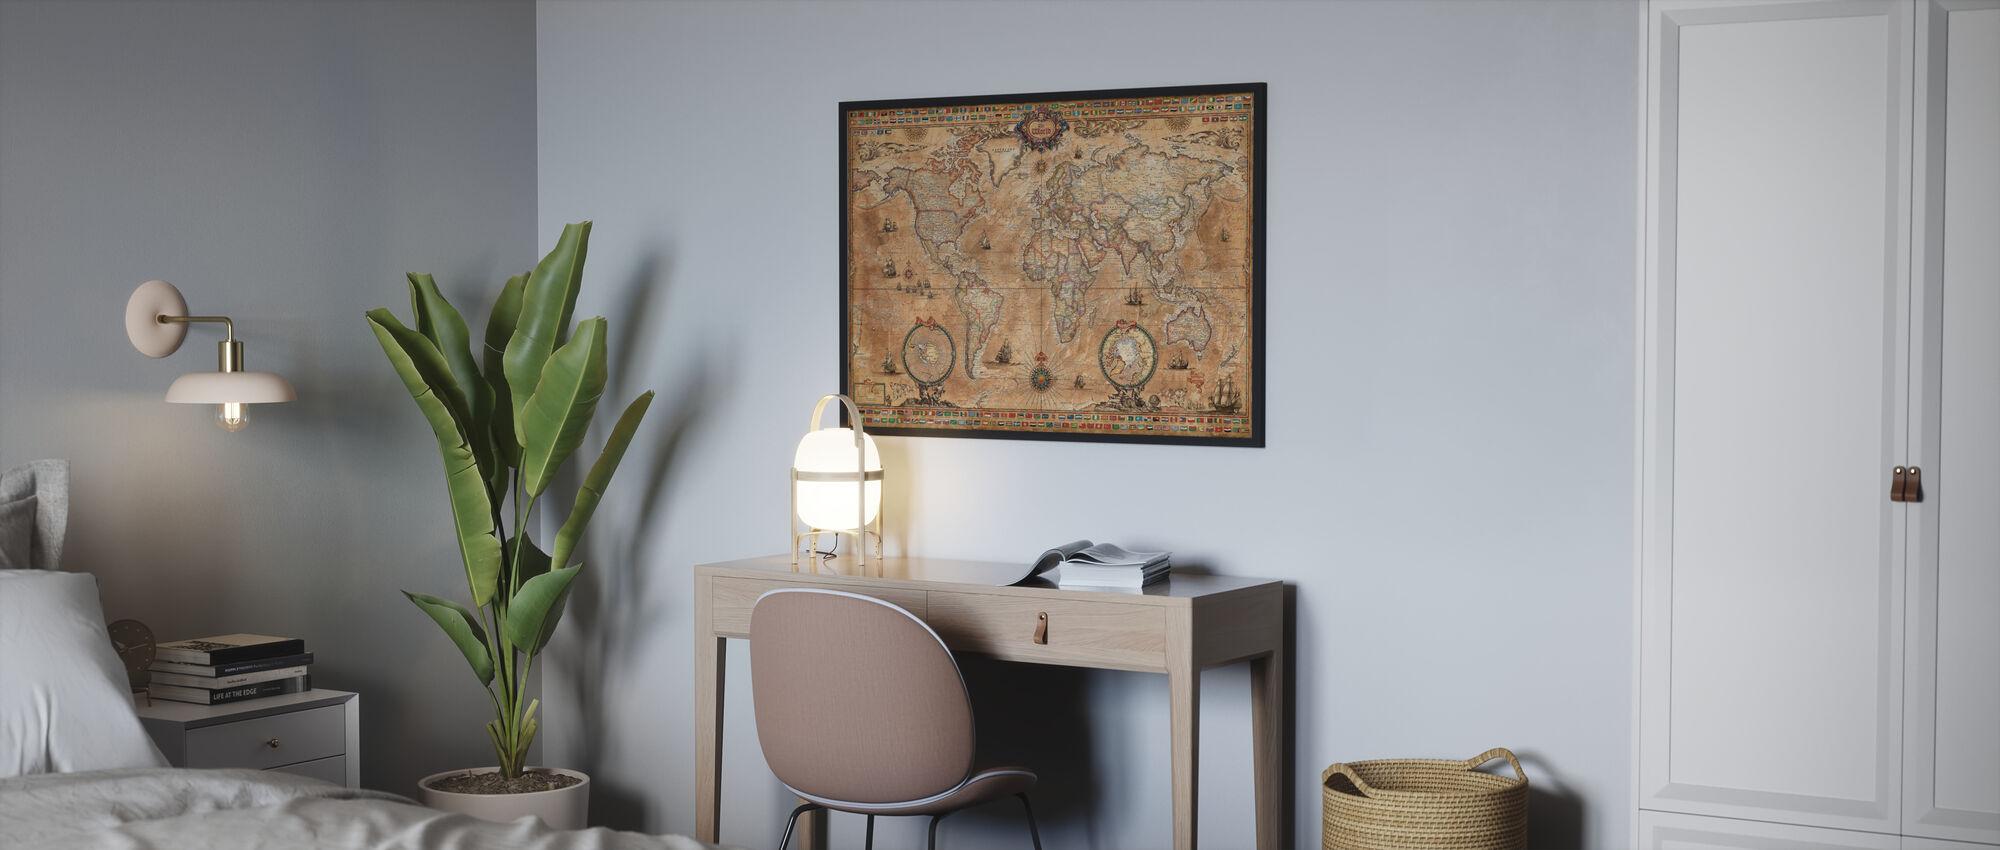 Pergament Map - Poster - Bedroom